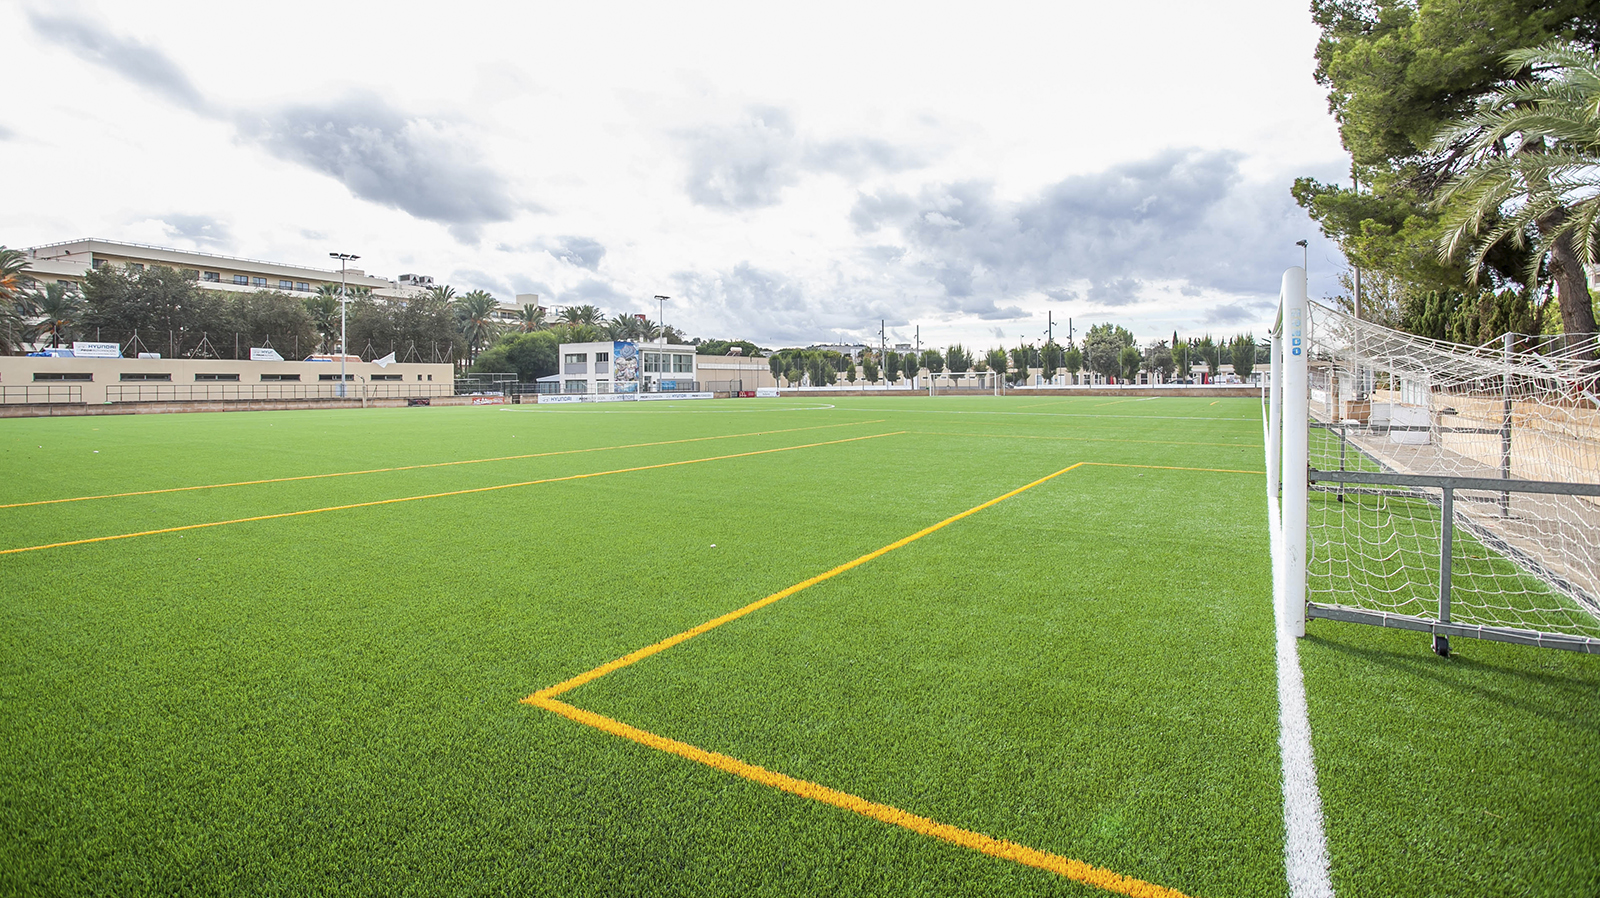 Santa Ponça Futbol. Santa Ponsa football pitch in Mallorca. Entrenar fútbol en Mallorca